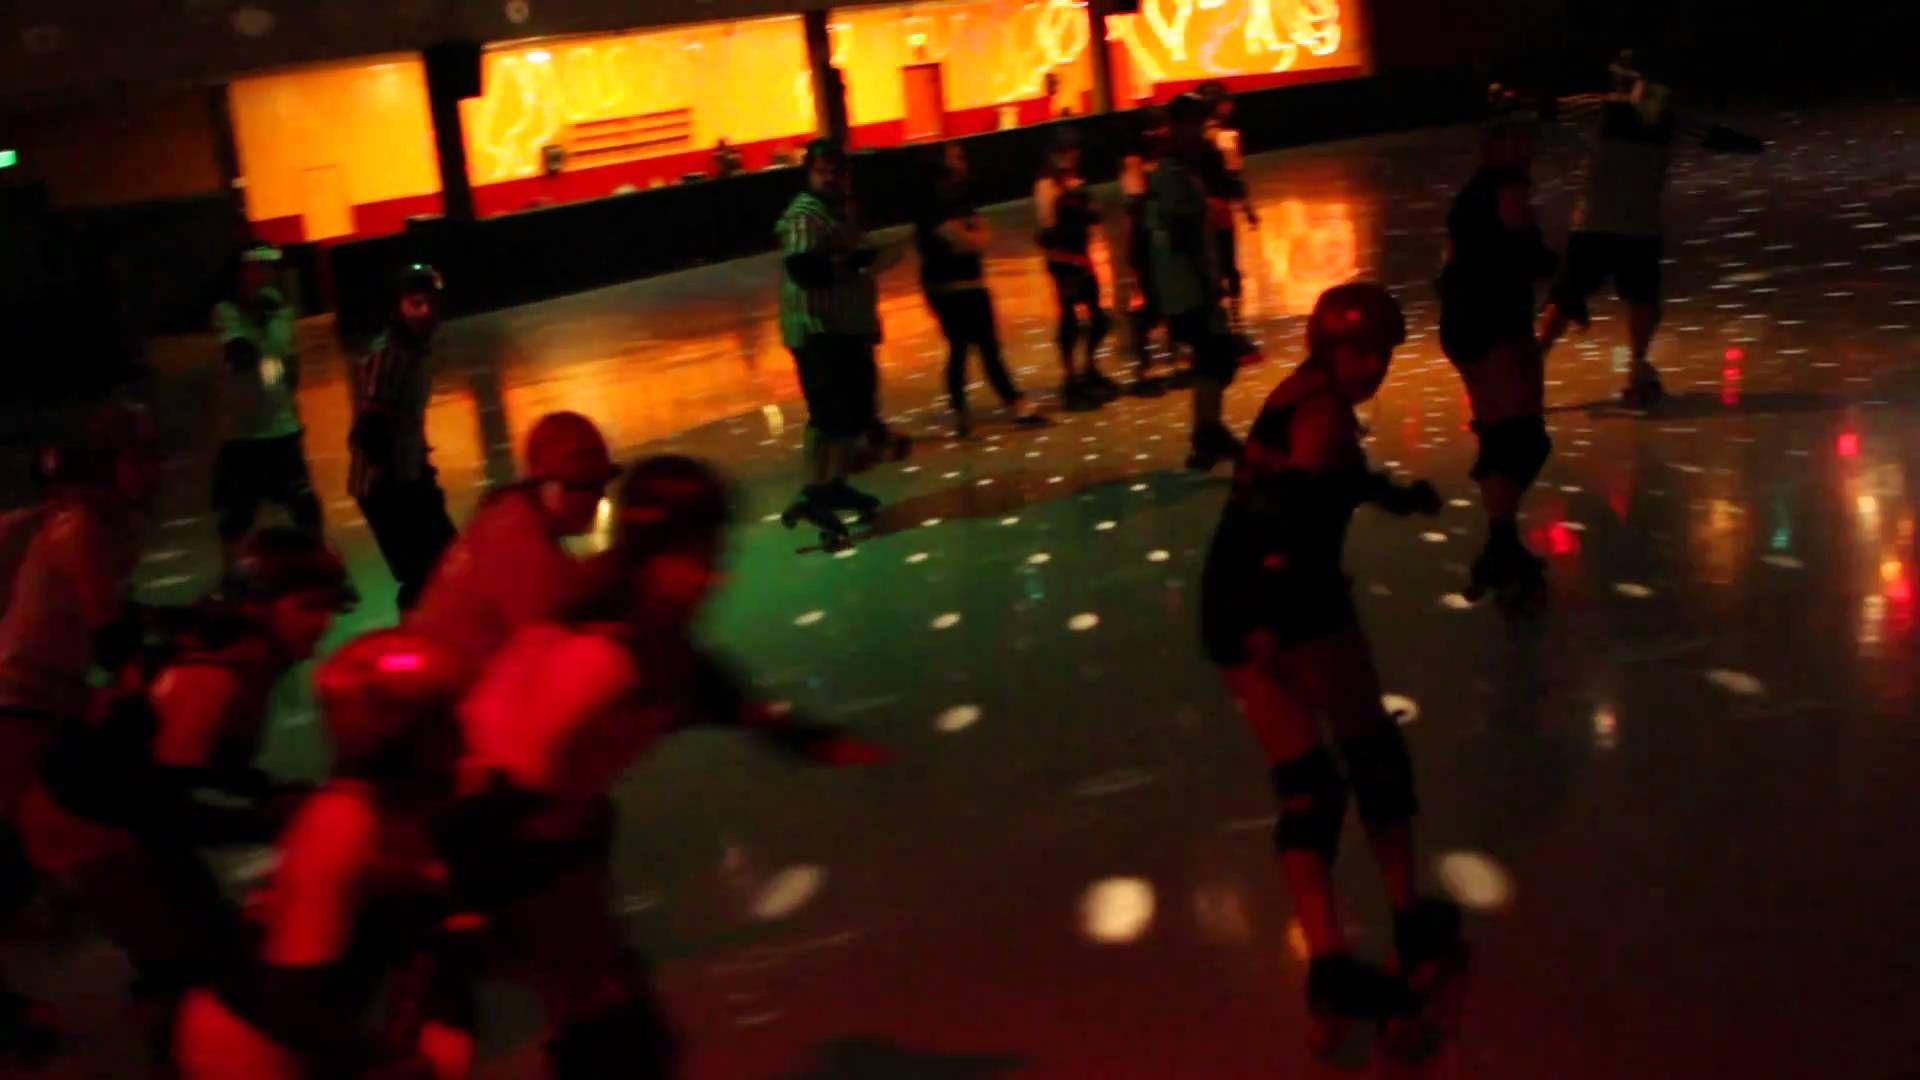 Roller skating rink rohnert park - Resurrection Roller Girls In Rohnert Park